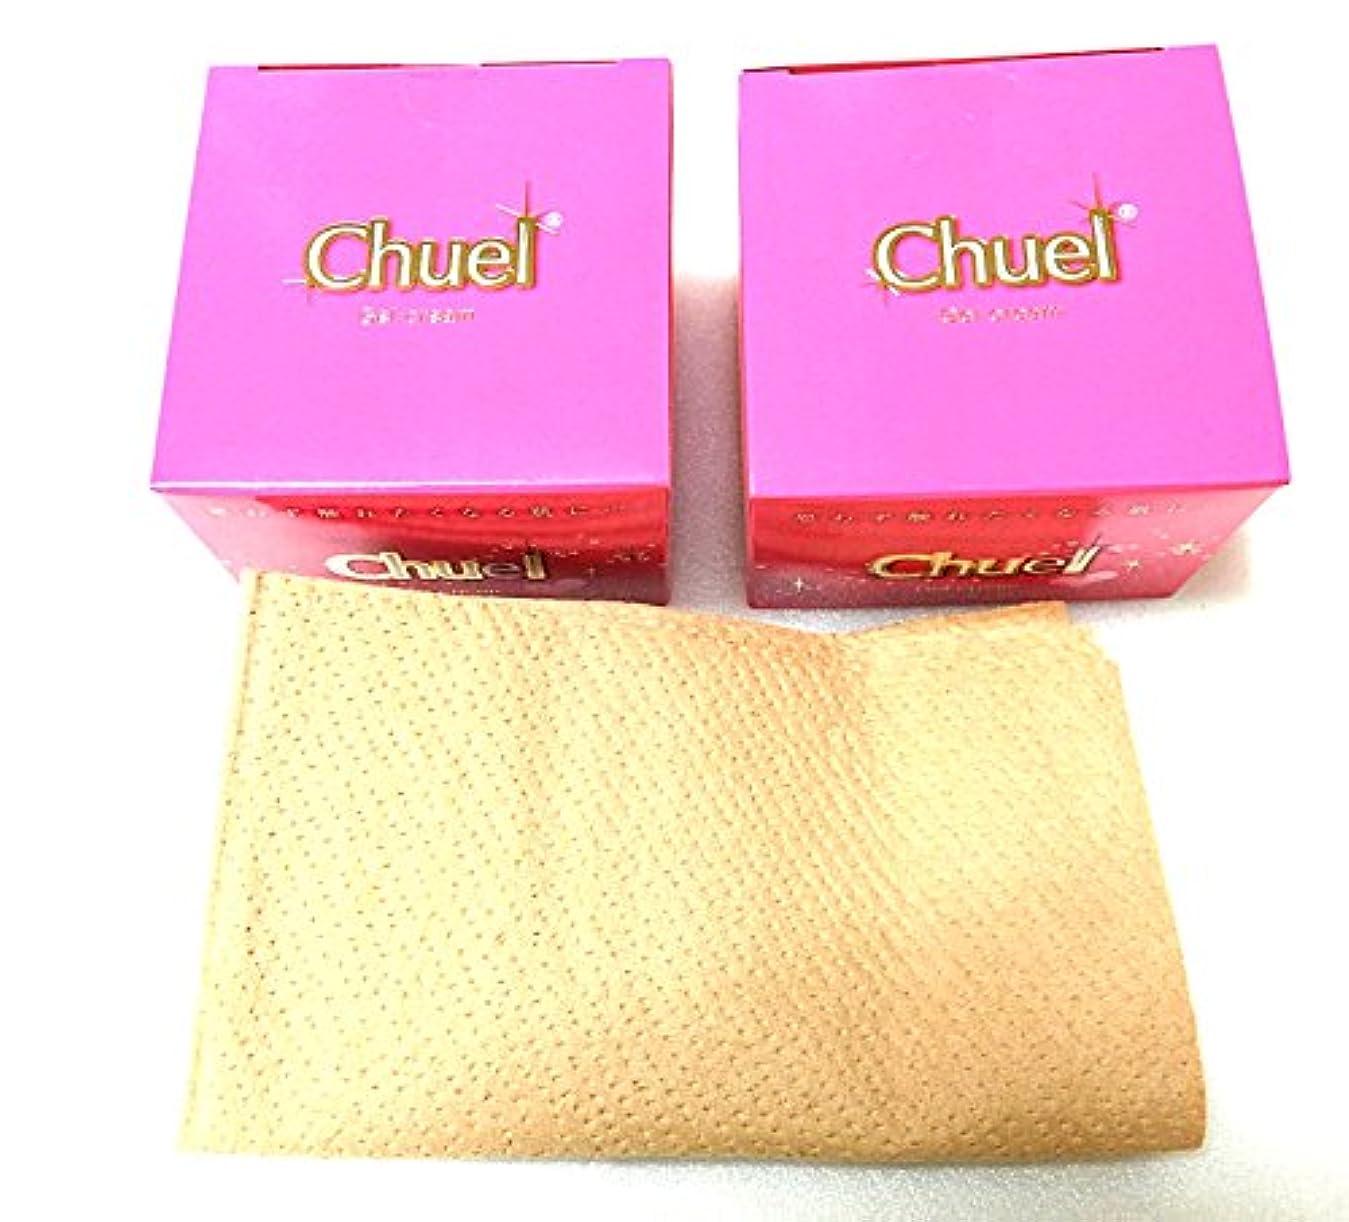 あいまいな盆地荒涼としたNEW Chuel(チュエル) 増量 180g 2個セット 使い捨て紙ウエス1枚付属